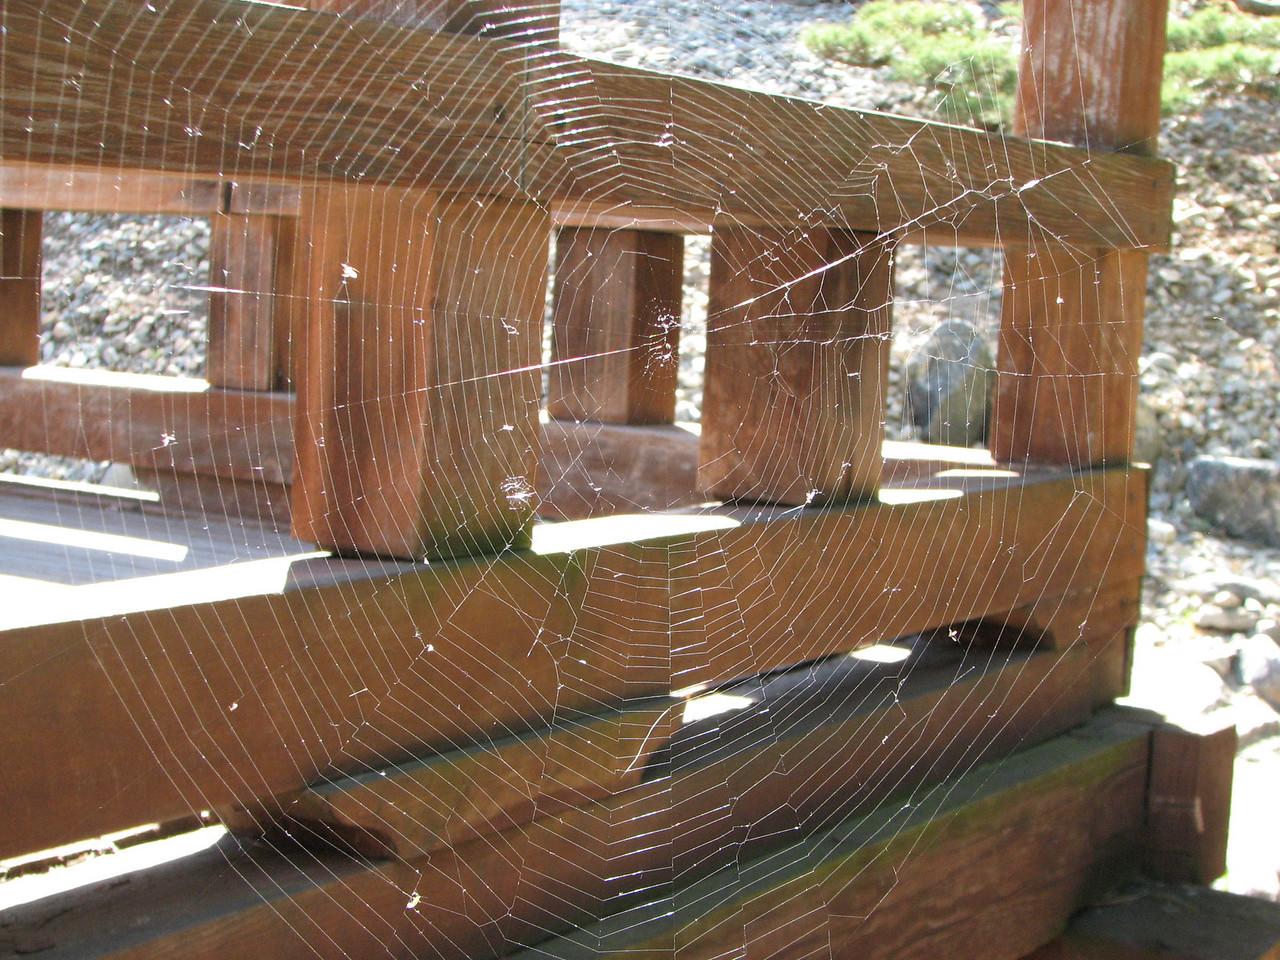 2008 03 09 Sun - Japanese garden 5 - Spider webbing sans spider